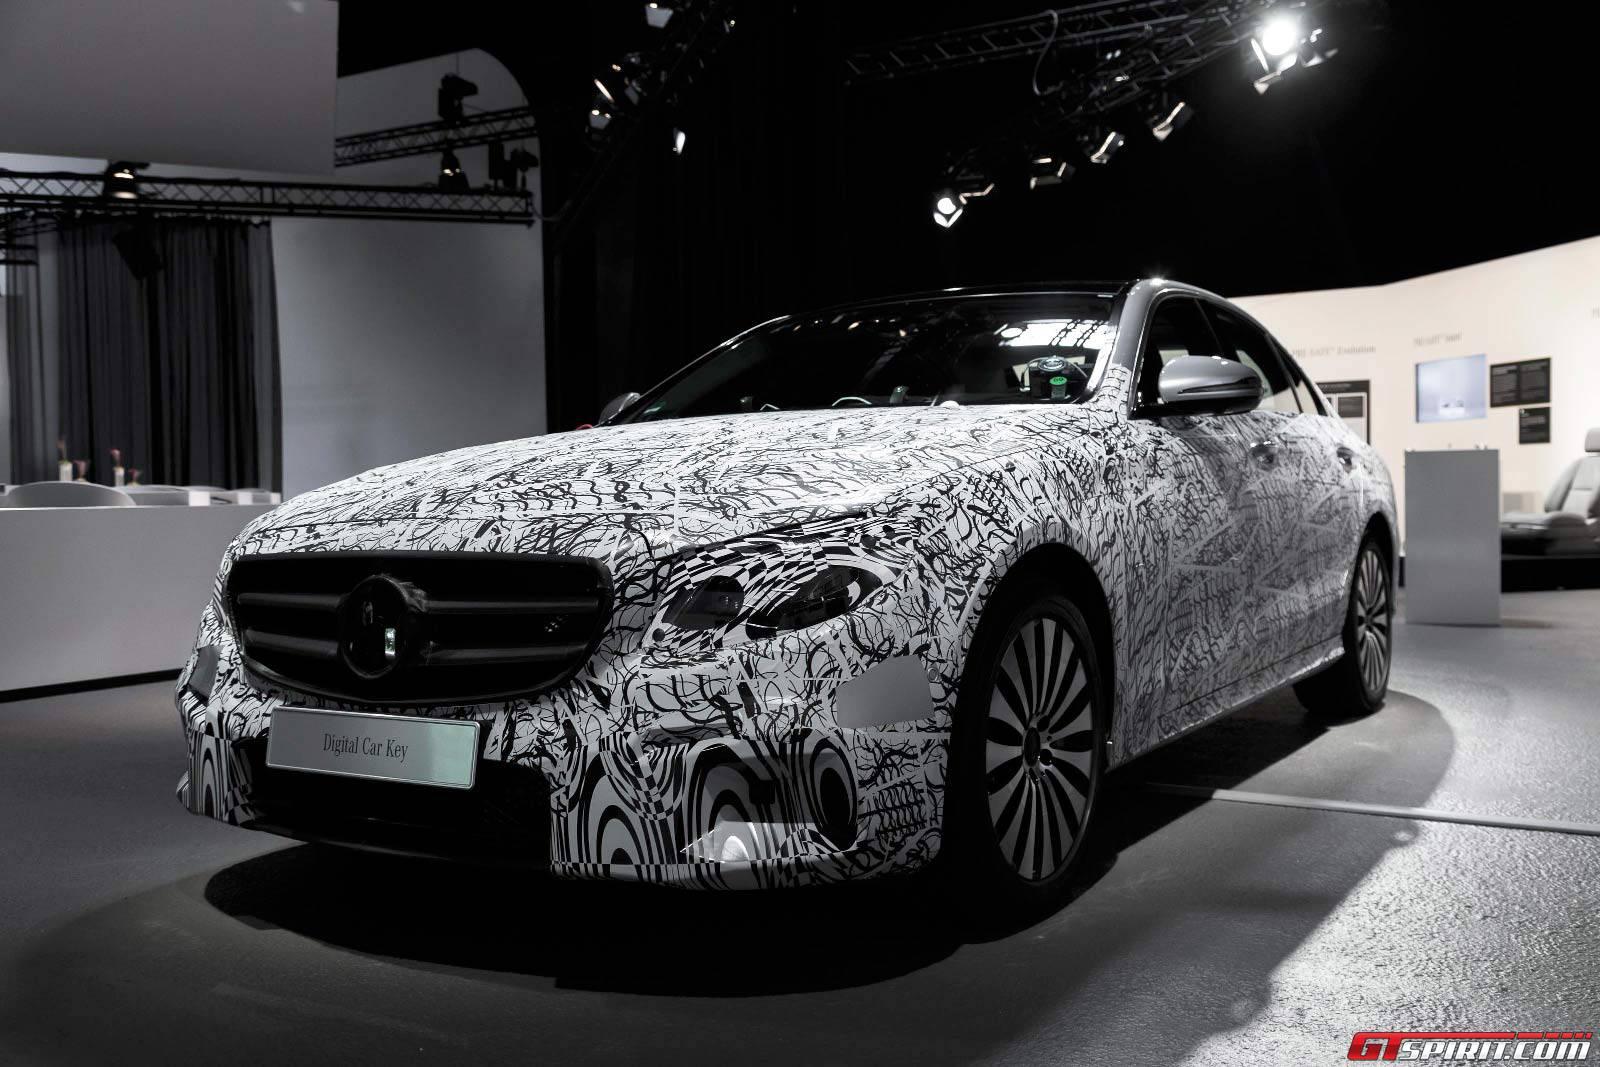 Mercedes-Benz Shows Off New E-Class Technology